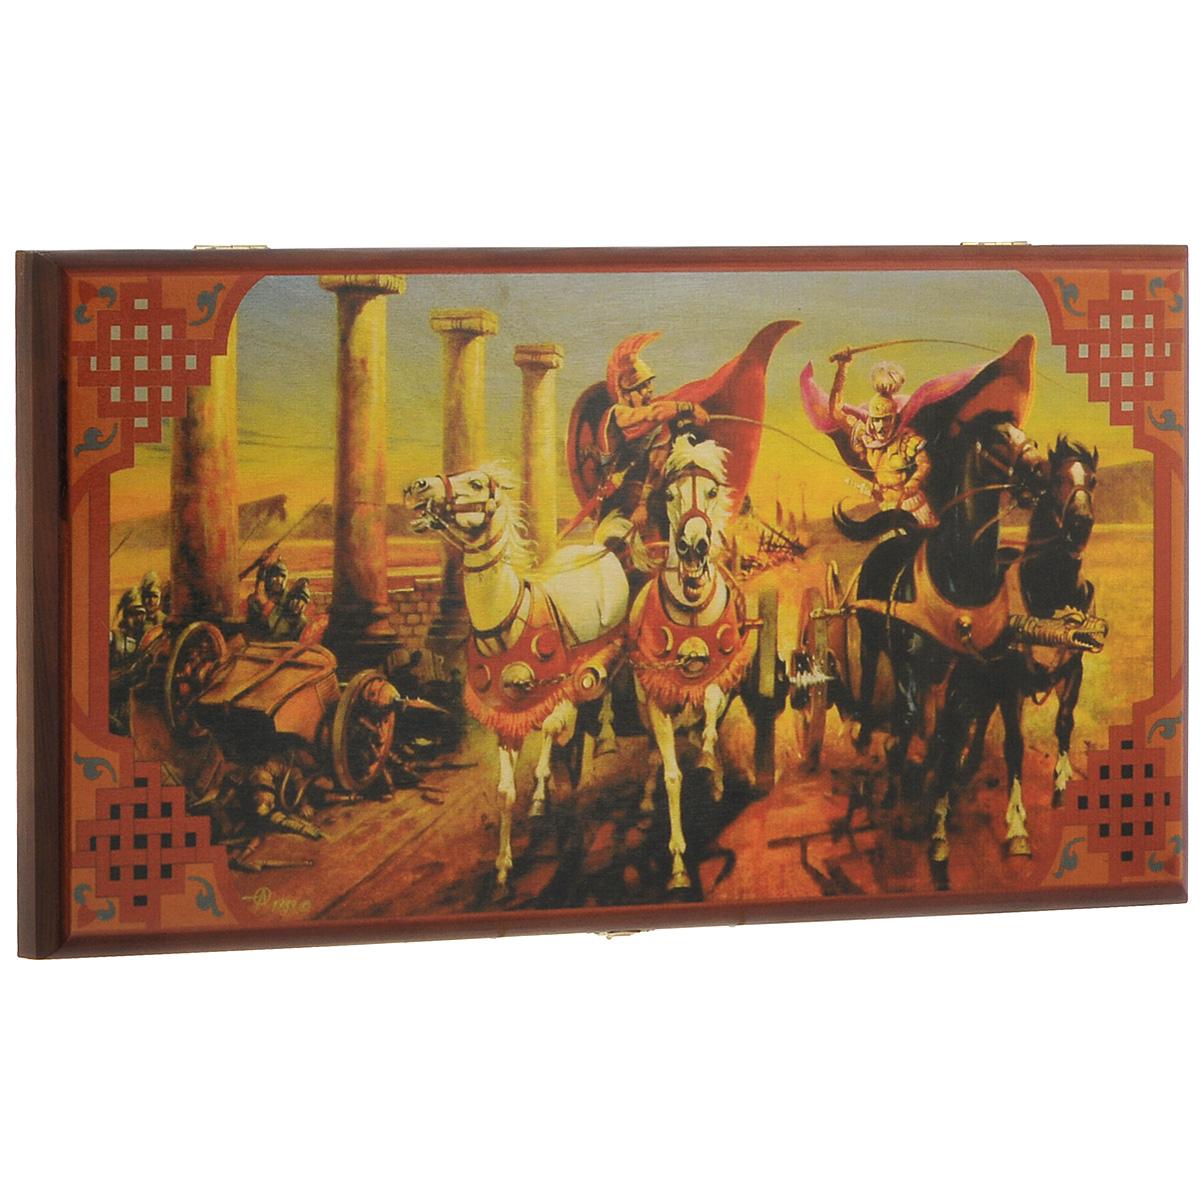 Нарды малые Perfecto Гонки на колесницах, размер: 40х40х4 см. 190s190sНарды Гонки на колесницах представляют собой деревянный кейс, закрывающийся на металлический замок. Внешняя поверхность кейса оформлена оригинальным рисунком и дополнительным полем для игры в шашки. Внутренняя часть кейса - игровое поле для игры в нарды. В набор входят два игральных кубика и деревянные шашки. Цель игры состоит в том, чтобы сначала привести шашки в свой дом (мешая в тоже время сделать это сопернику), а затем, когда это удалось сделать, снять их с доски быстрее соперника. Побеждает тот, кто первым снял свои шашки. Нарды - древняя восточная игра. Родина этой игры неизвестна, однако, известно, что люди играют в эту игру уже более 7000 лет. На игровой доске для нард все кратно шести и имеет связь со временем. 24 пункта представляют 24 часа, 30 шашек представляют 30 дней в месяце, 12 пунктов на каждой стороне доски символизируют 12 месяцев. Нарды - это отличный подарок, который понравится каждому и подойдет к любому поводу....